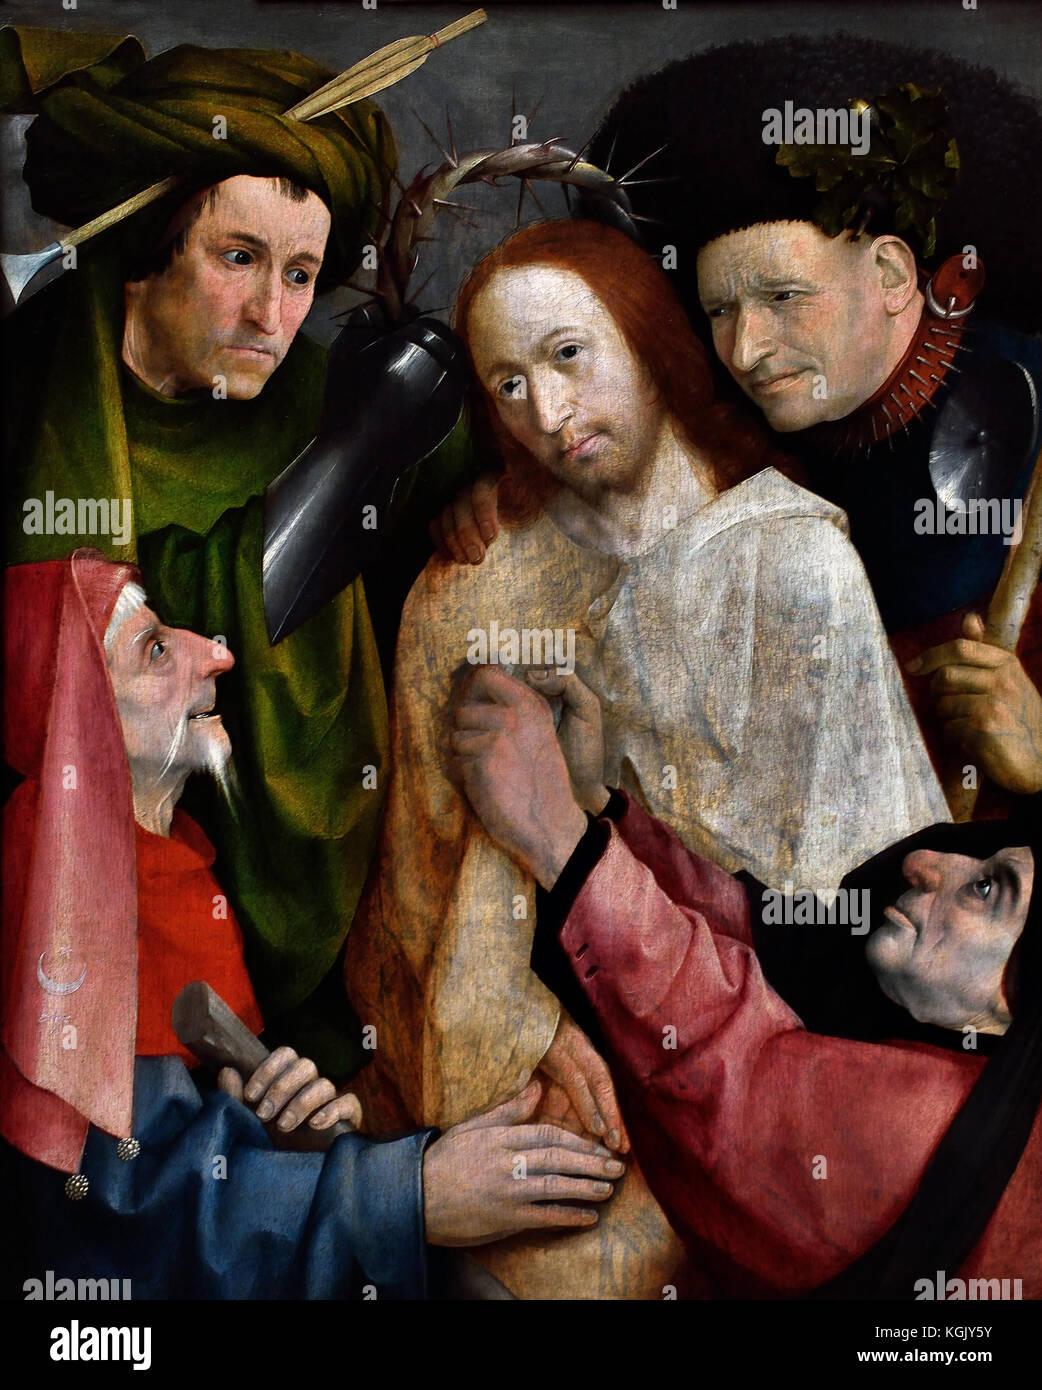 Jésus Christ 15-16ème siècle italien Italie Photo Stock